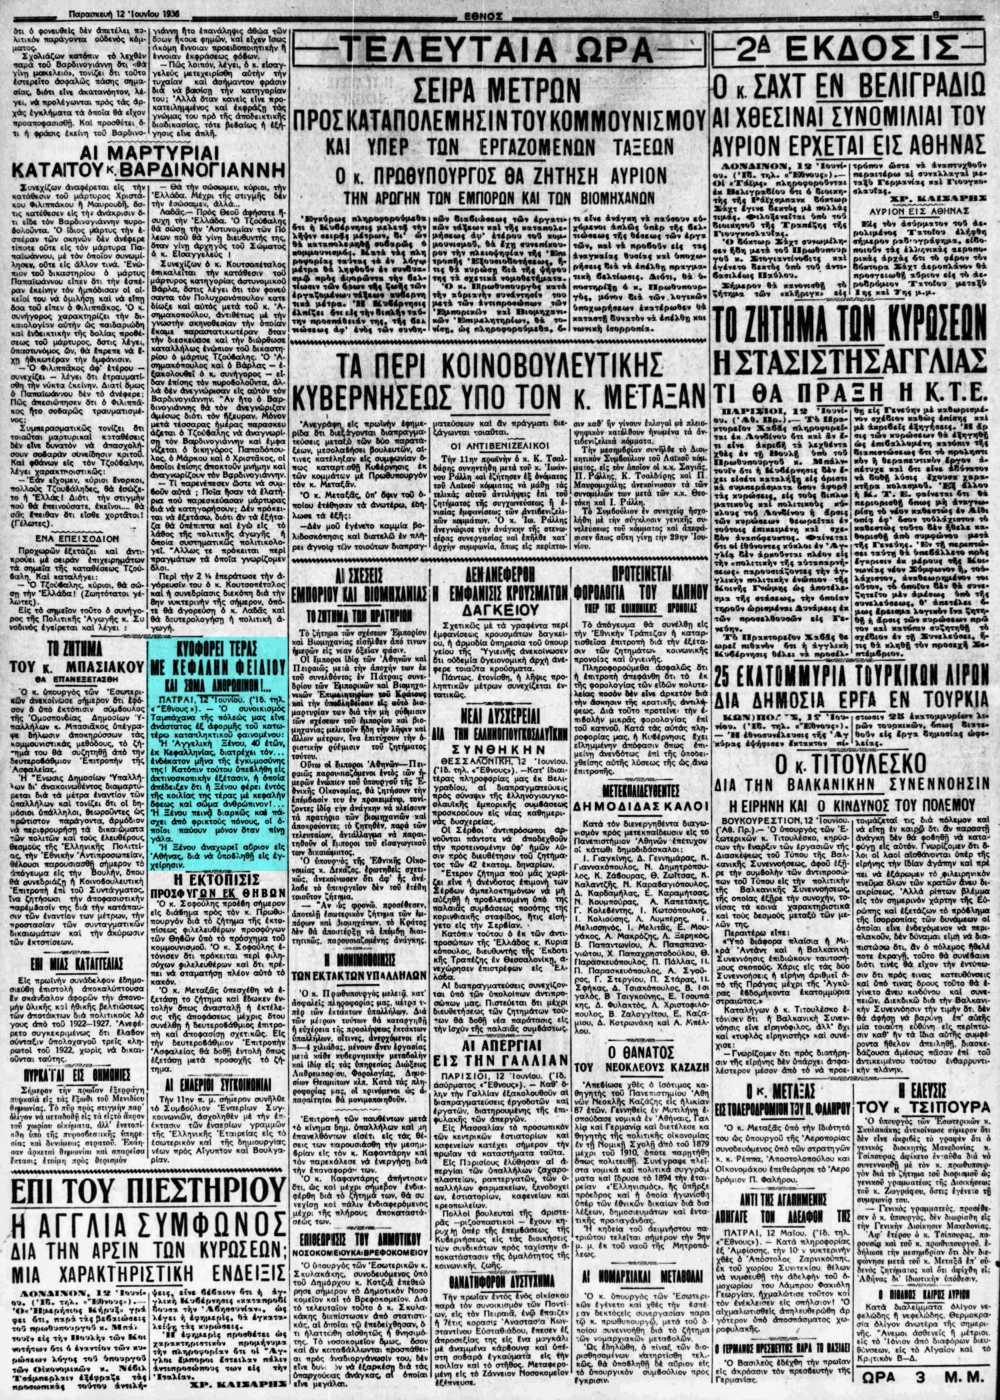 """Το άρθρο, όπως δημοσιεύθηκε στην εφημερίδα """"ΕΘΝΟΣ"""", στις 12/06/1936"""